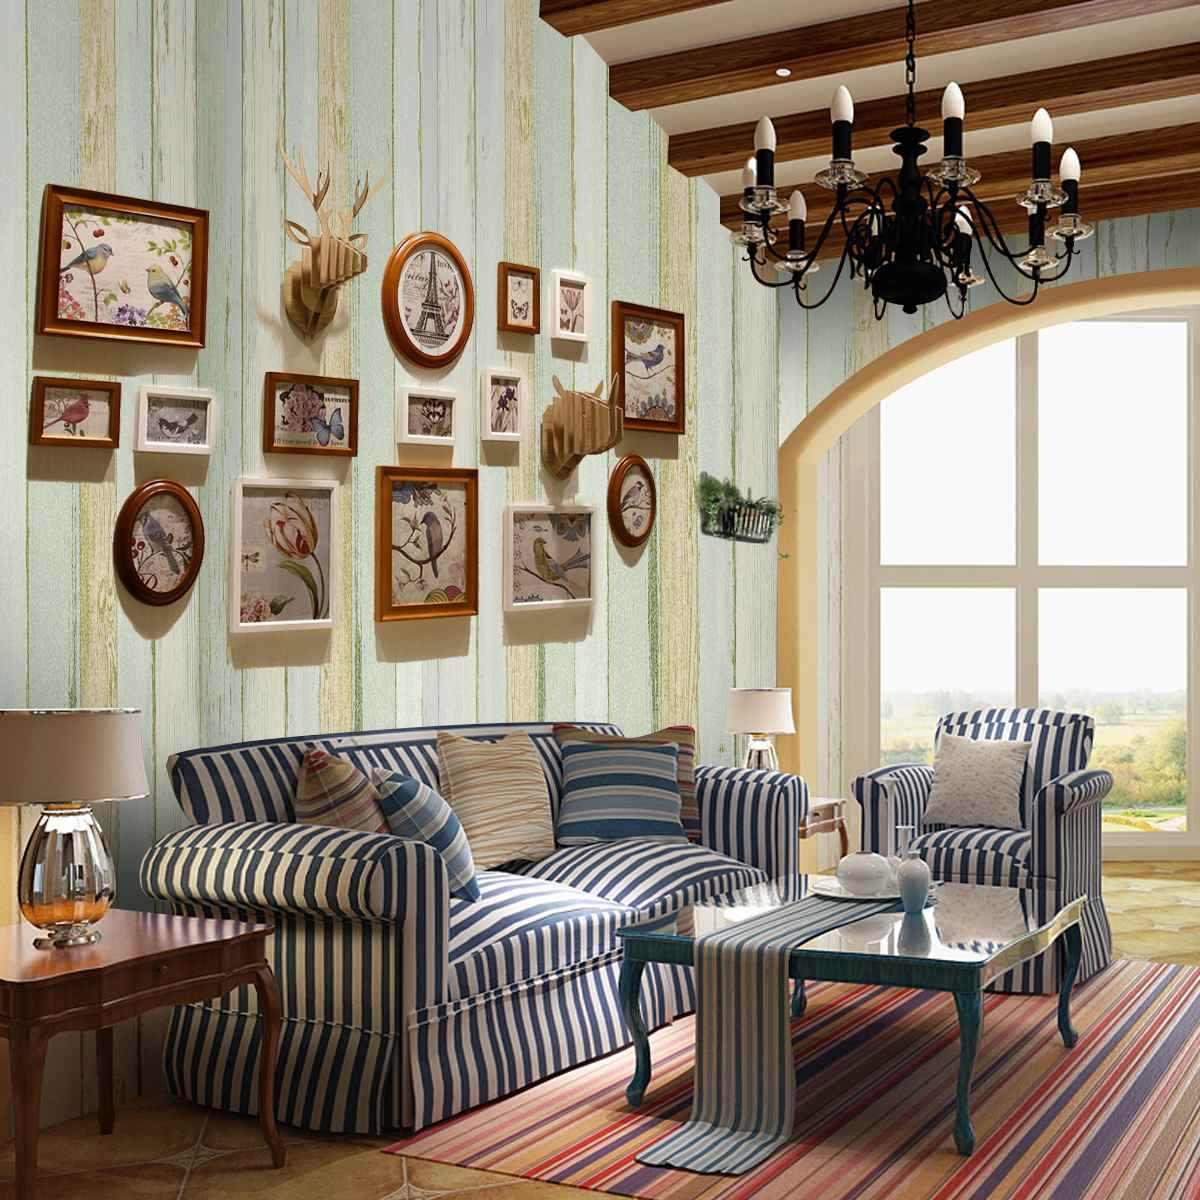 Винтажные Ретро домашние украшения для комнаты 3D обои рулон Реалистичная деревянная панель ling timber Plank панель полоса обои стикер